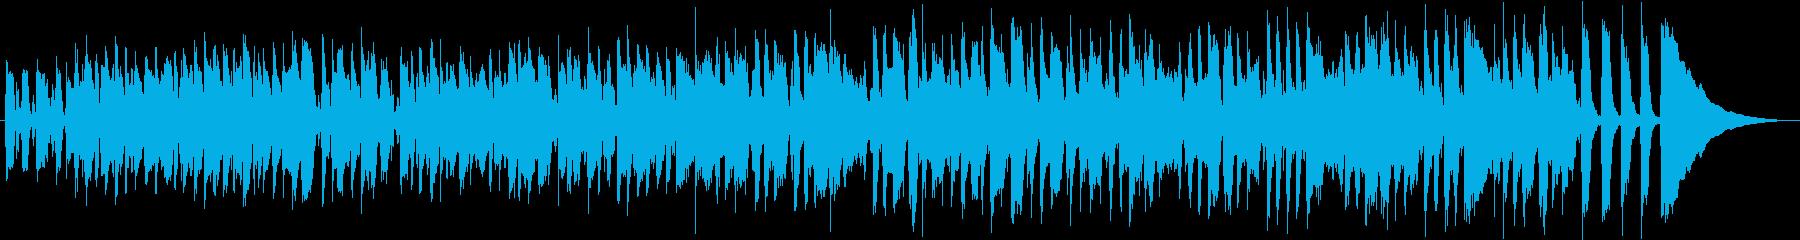 クリスマス定番ジングルベルギター生演奏の再生済みの波形